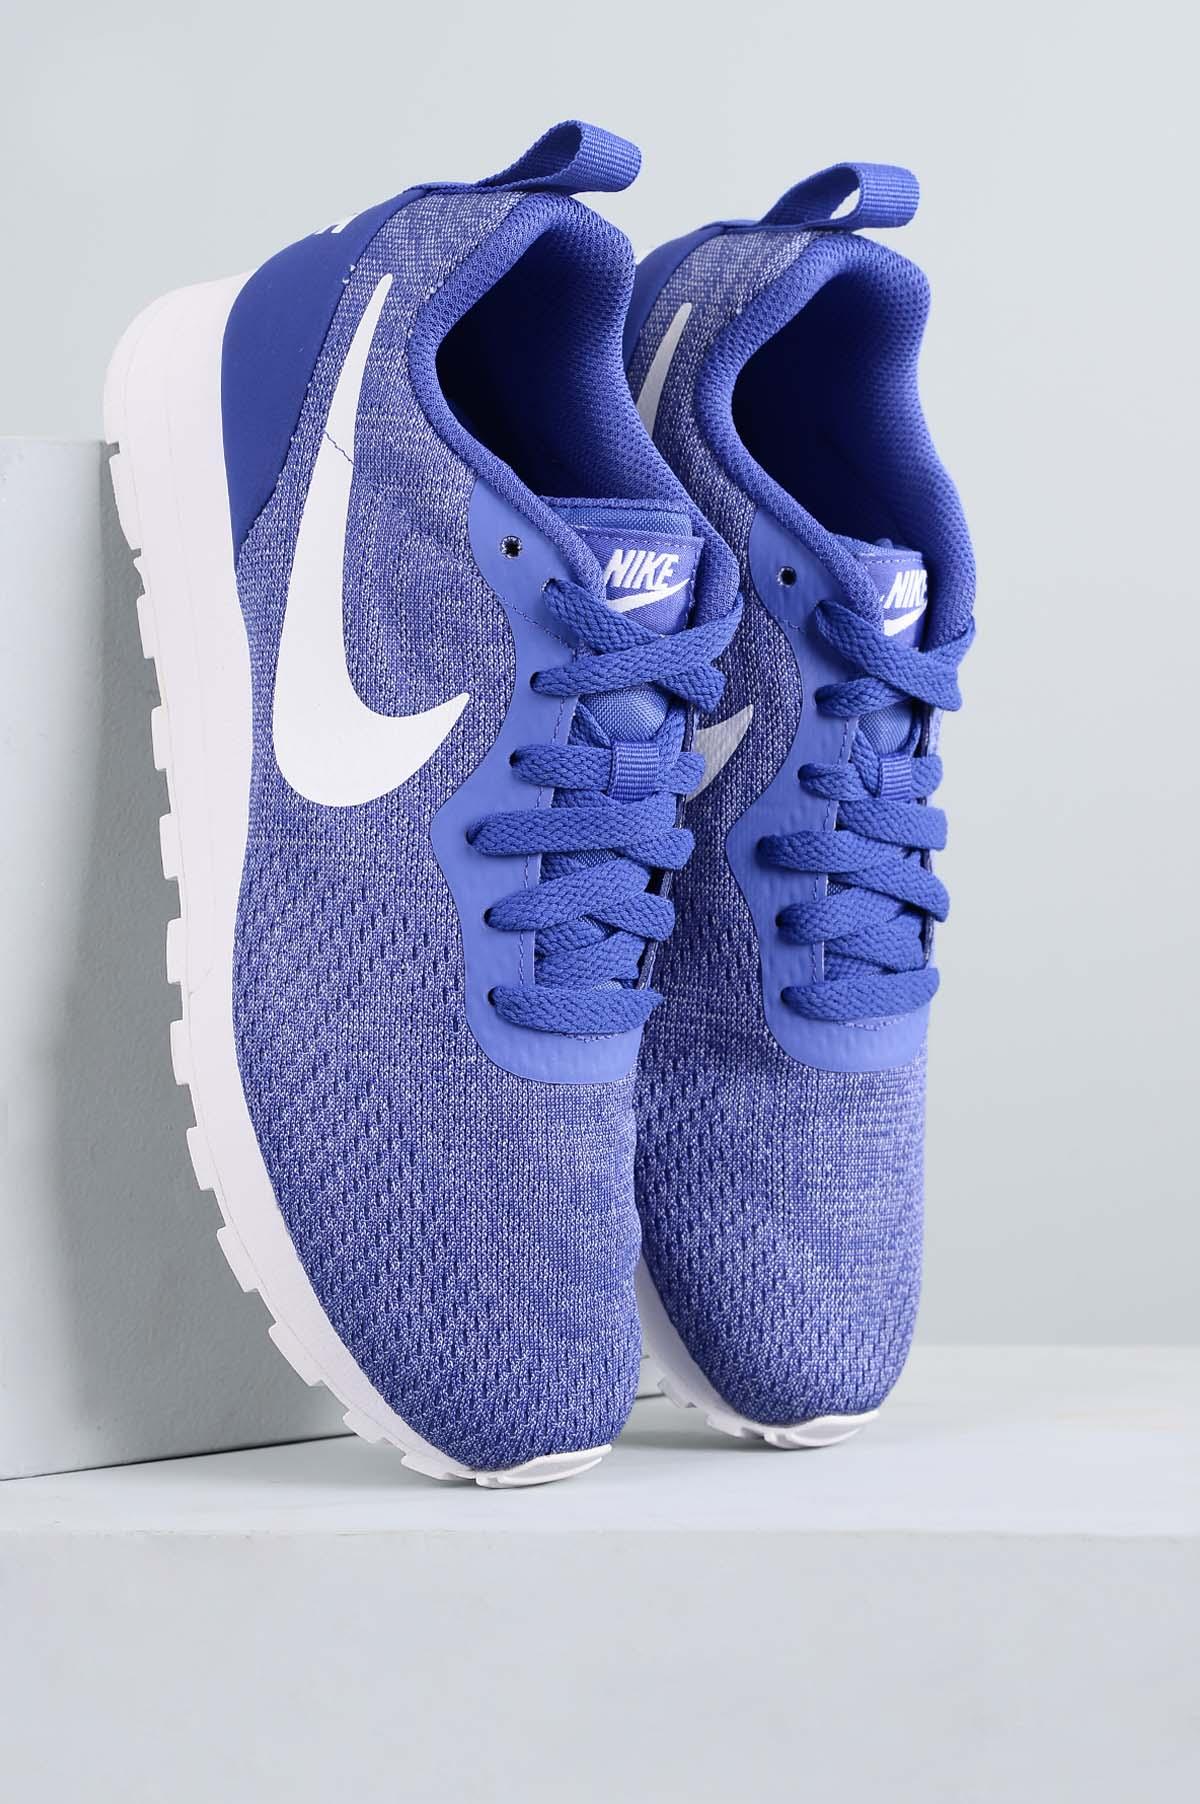 9af1b6cab7 Tênis Nike Runner 2 TEC ROXO - Mundial Calçados